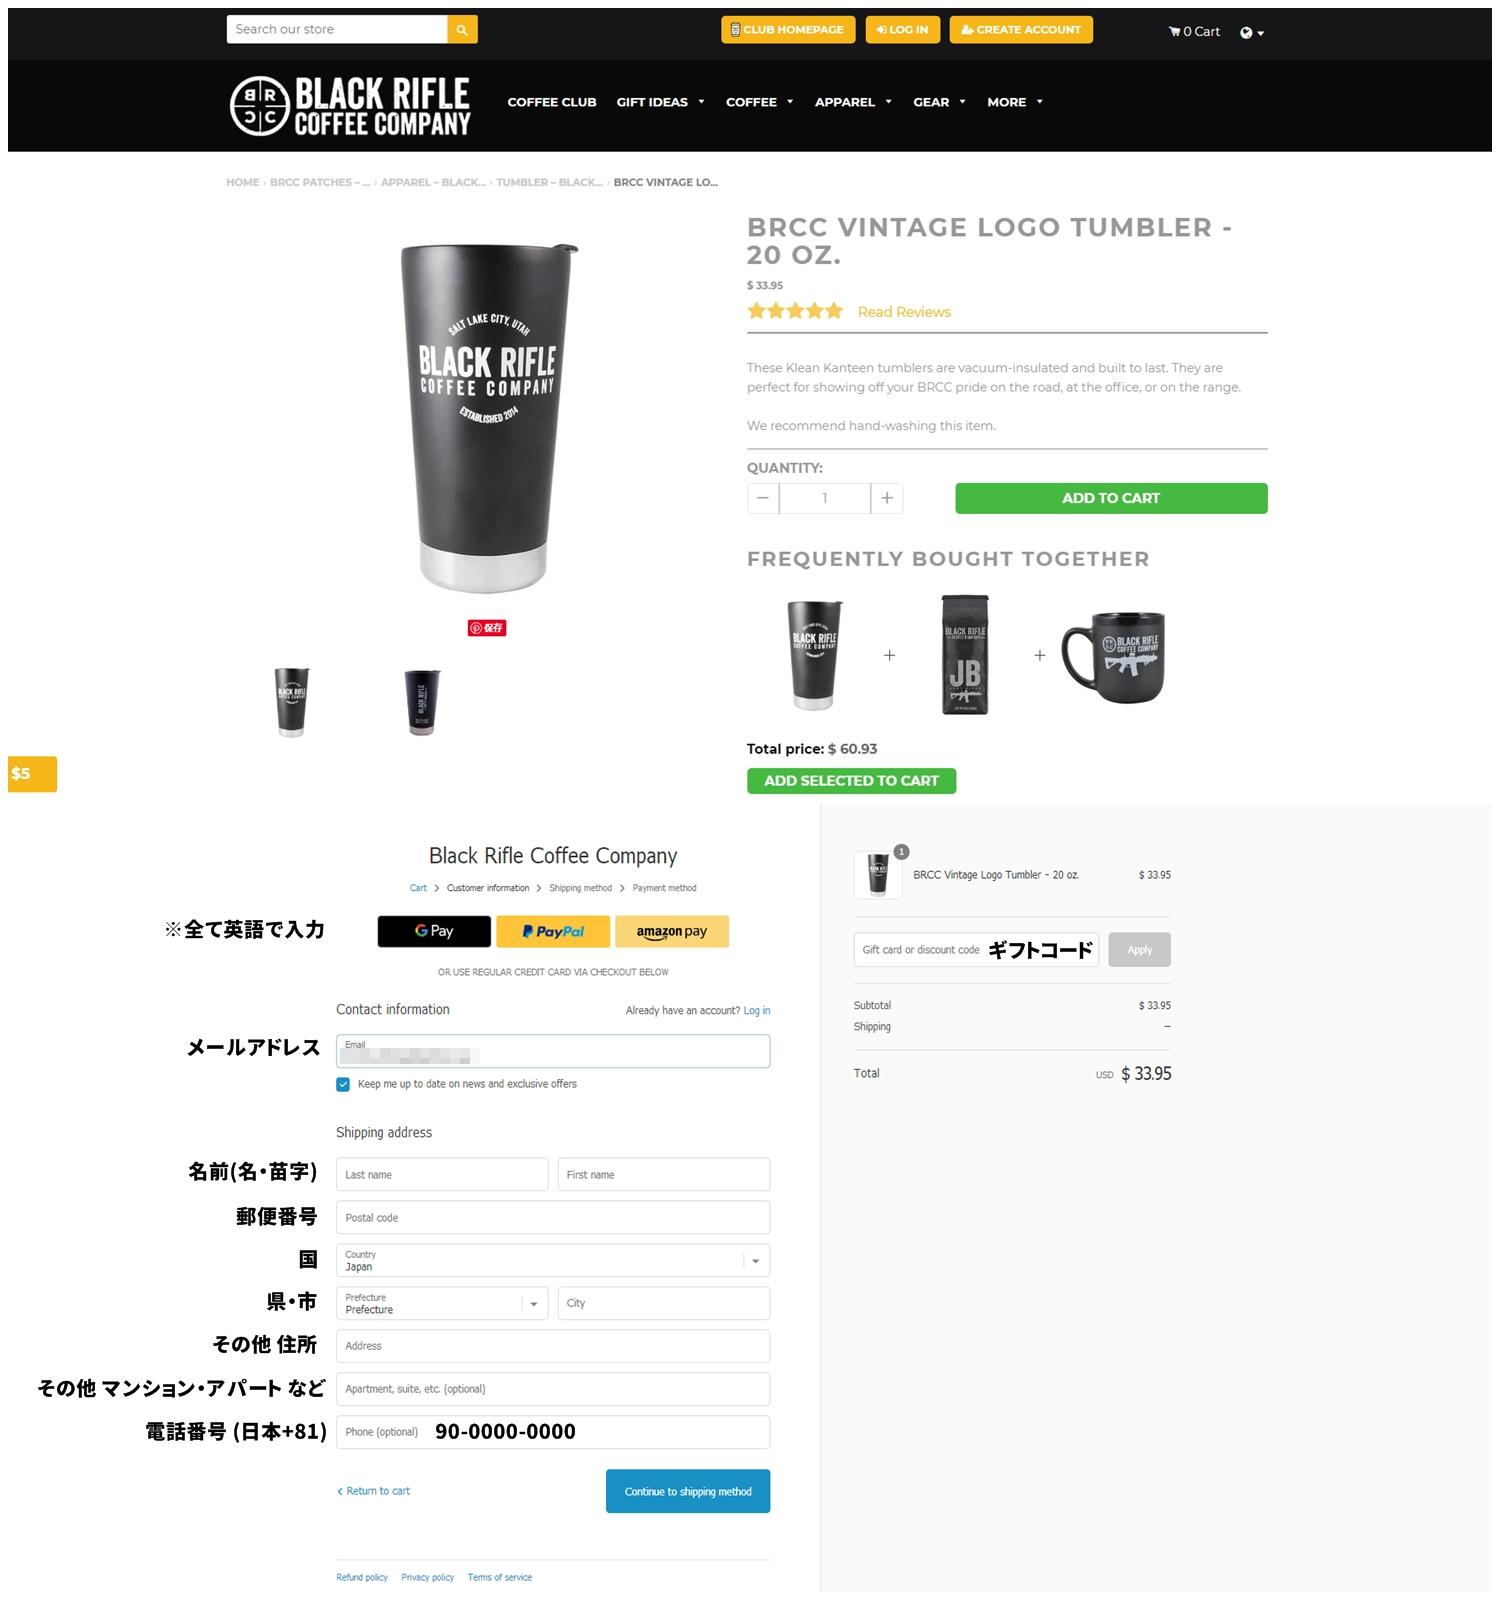 18【BRCC】 Black Rifle Coffee ブラックライフルコーヒー!! ミリタリーグッズのご紹介!! 購入・輸入方法 レビュー!!